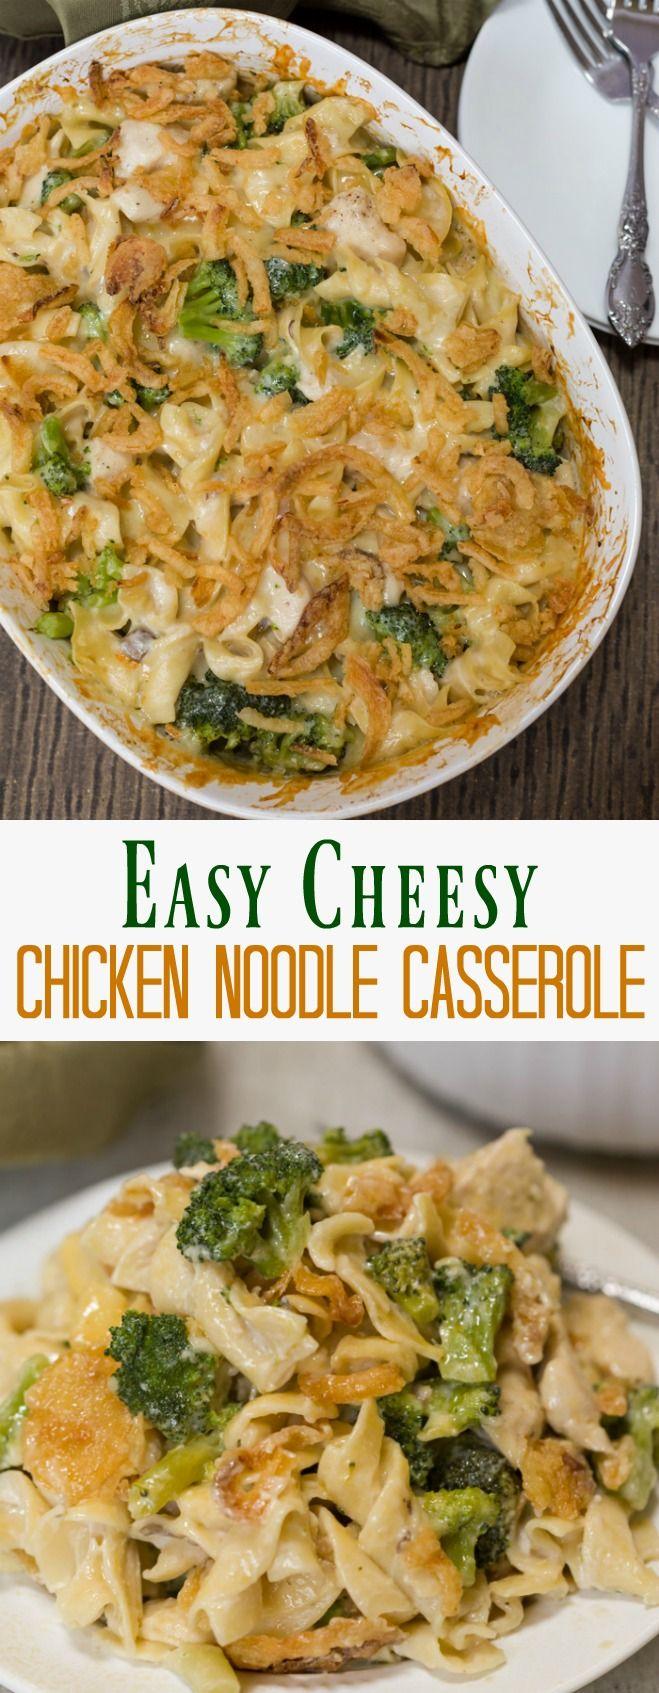 A Savory Egg Noodle Casserole Made With A Creamy Mushroom -9630